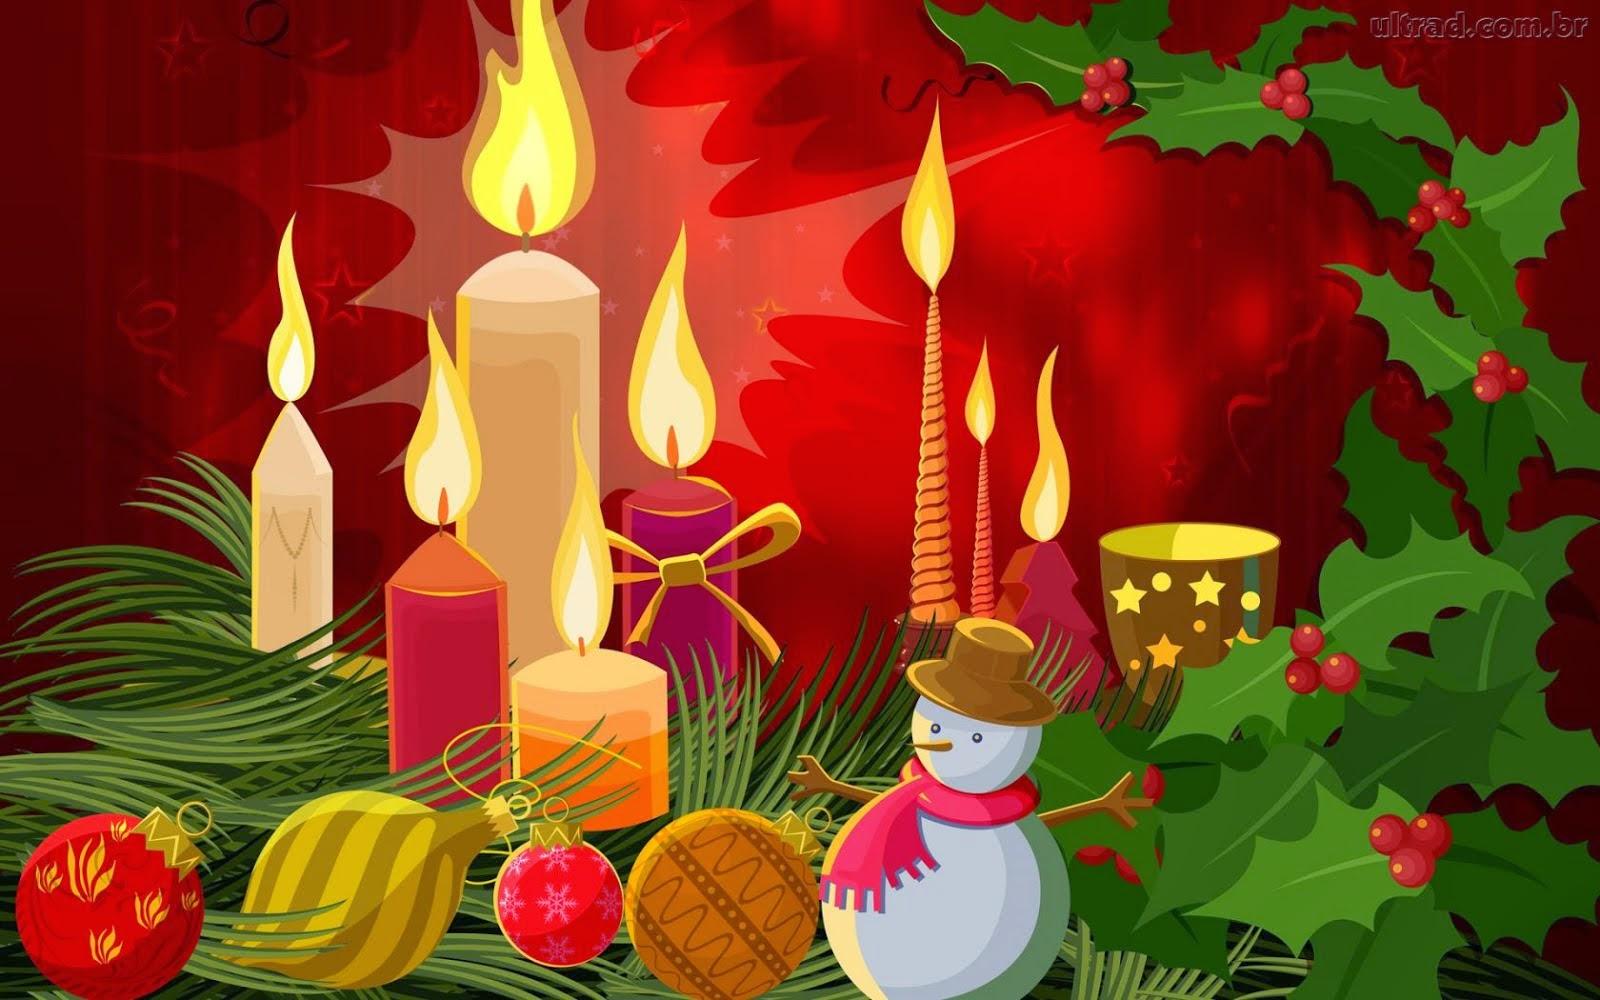 Faça você mesmo o Natal acontecer, empregando as maiores ferramentas do ser humano em desuso – AMOR